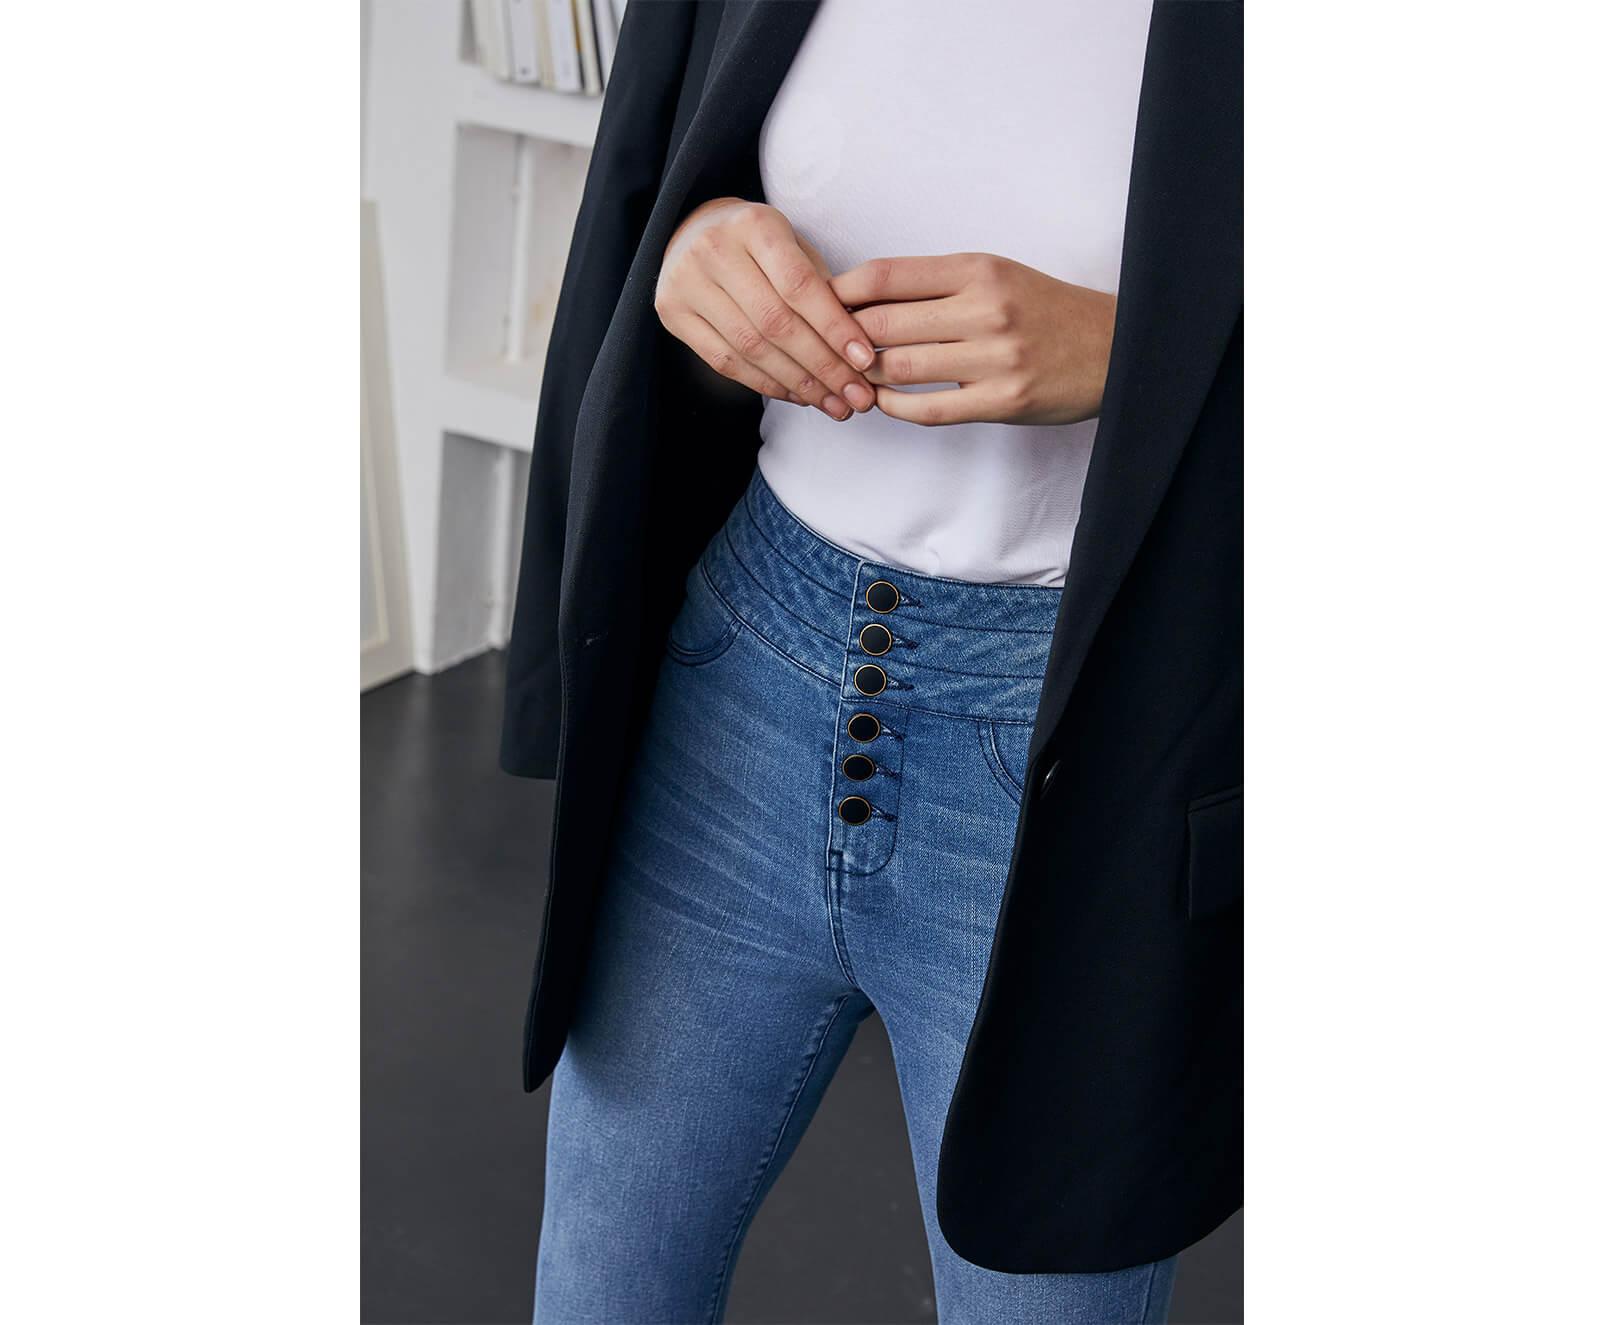 2 5 - Colección de leggings de Ysabel Mora marca nuevo código urbano que no te dejará indiferente